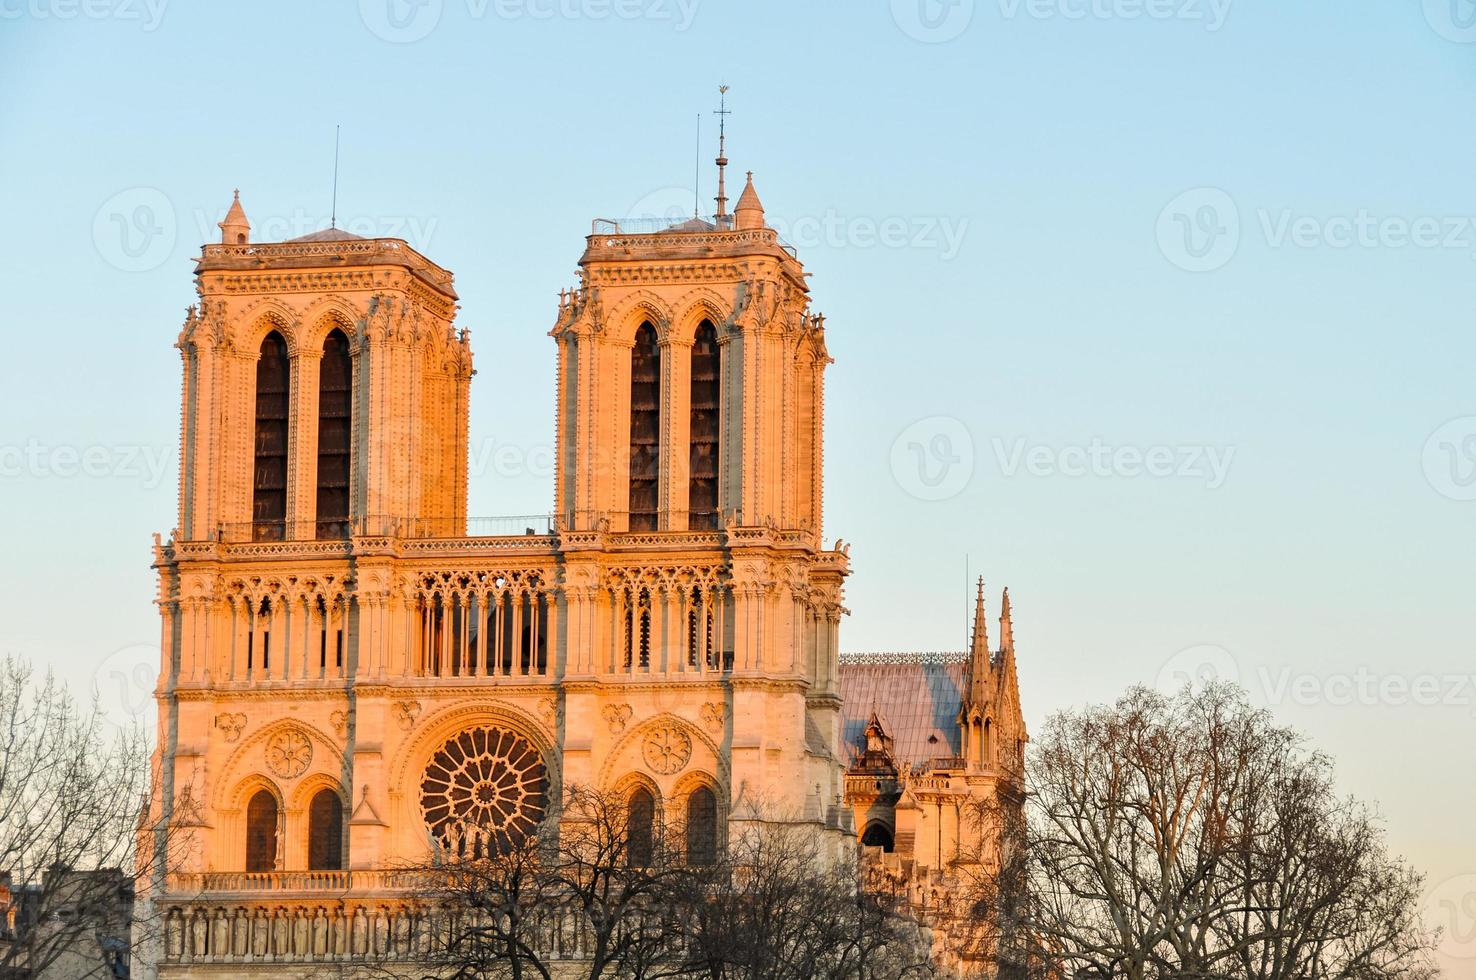 Cathédrale Notre-Dame de Paris au coucher du soleil photo